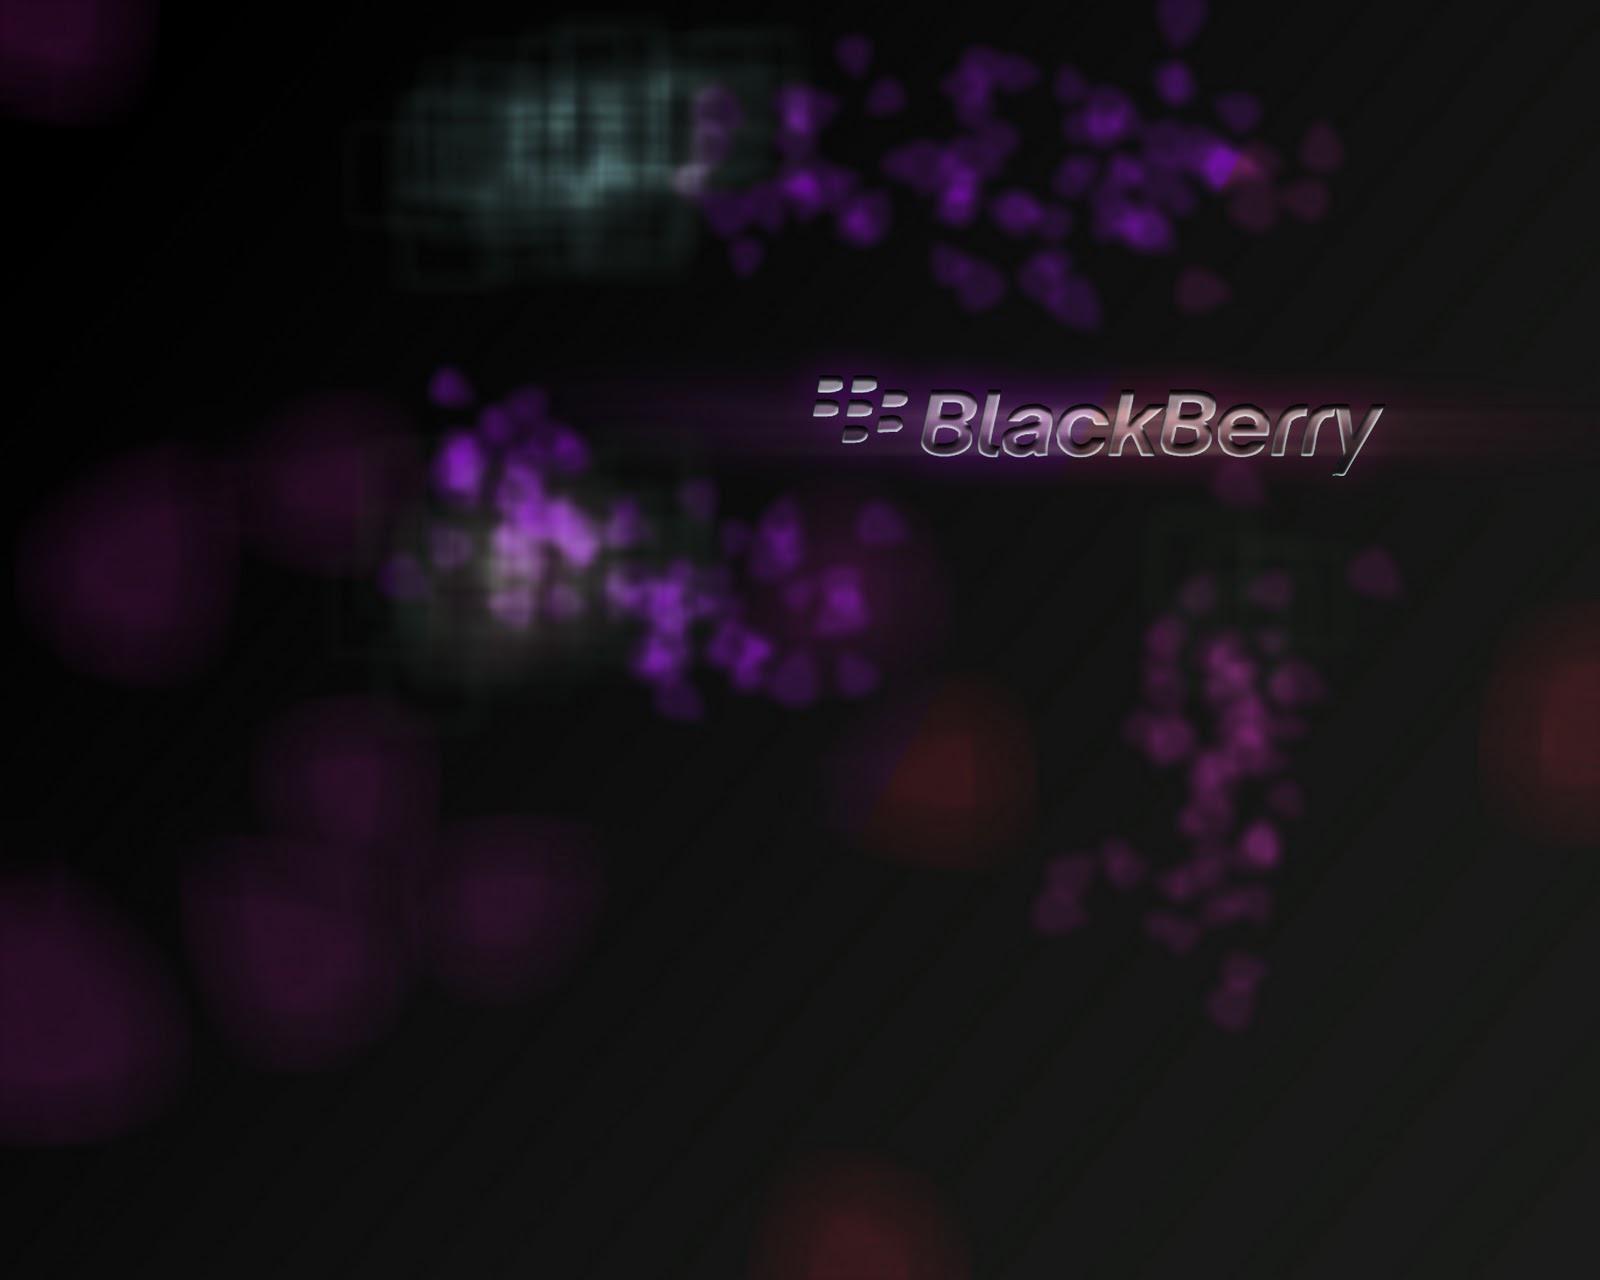 Blackberry logo wallpaper 7 crackberry com - Free Wallpaper Desktop Blackberry Wallpaper Classic Arcade Games On